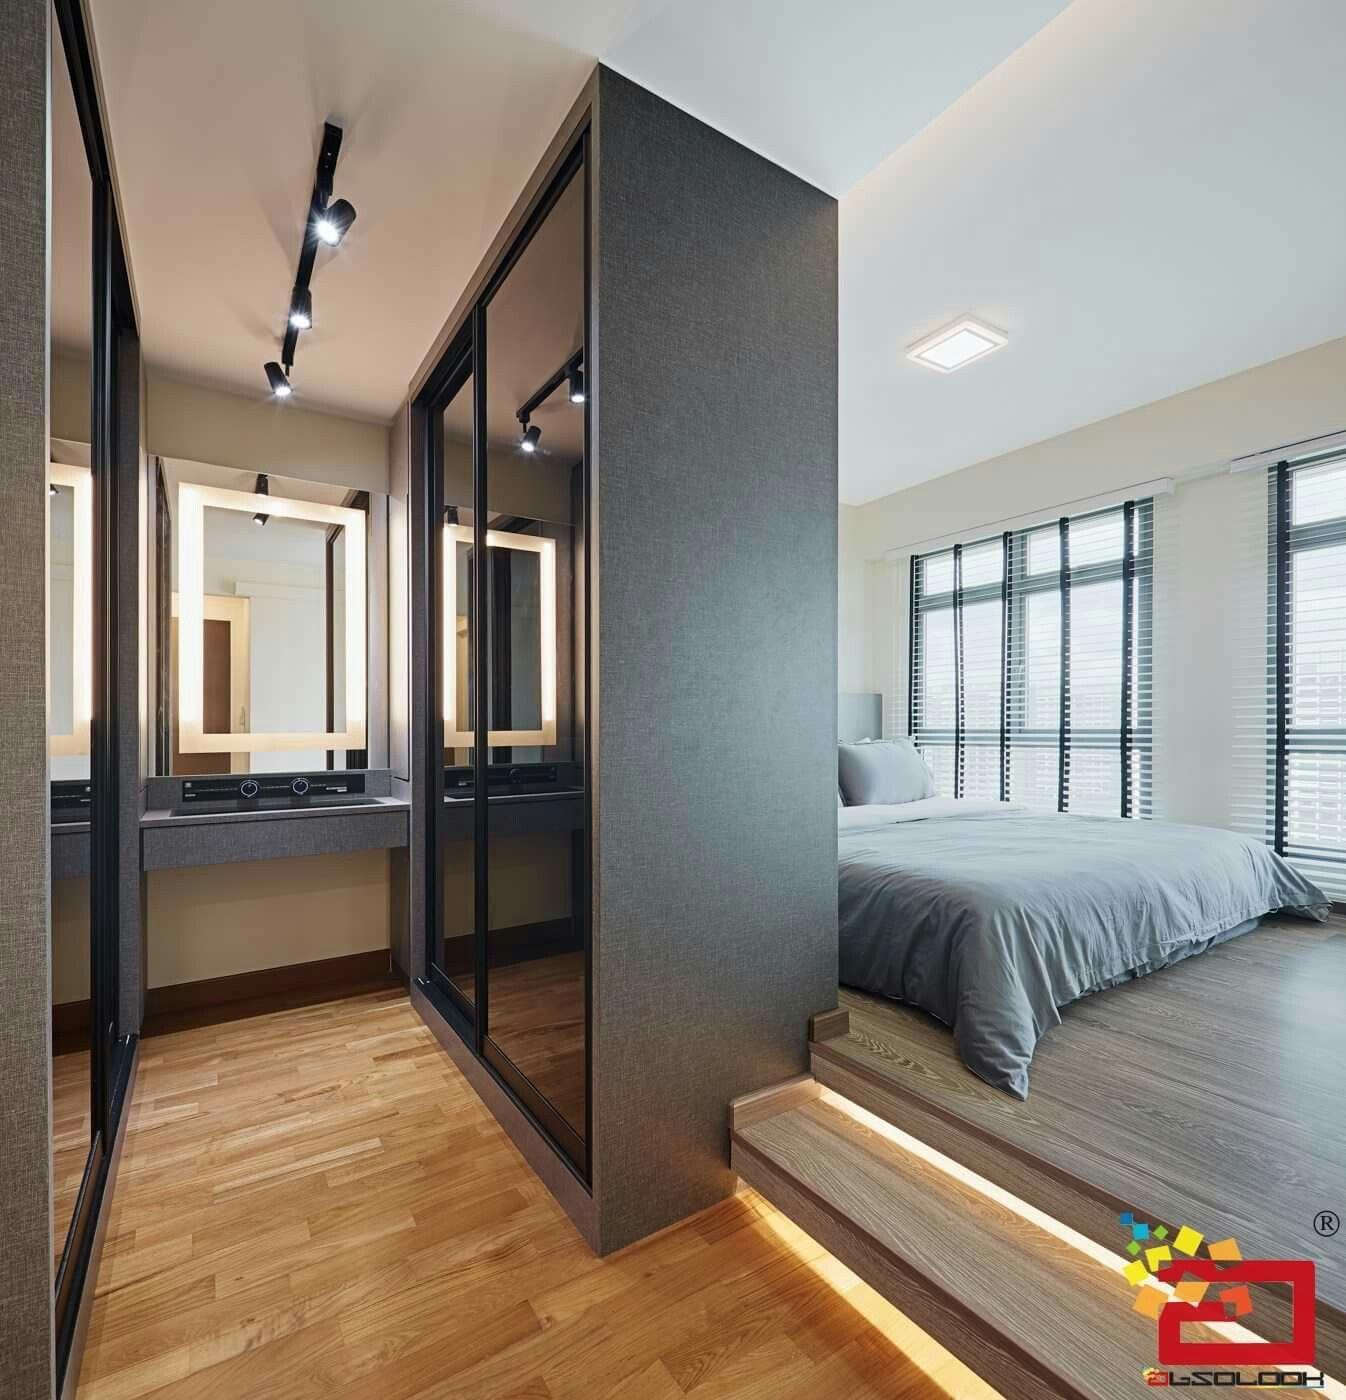 Boys Bedroom Accessories Bedroom Design Bto Hanging Bed Bedroom Blue Ombre Bedroom: Home Ideas In 2019